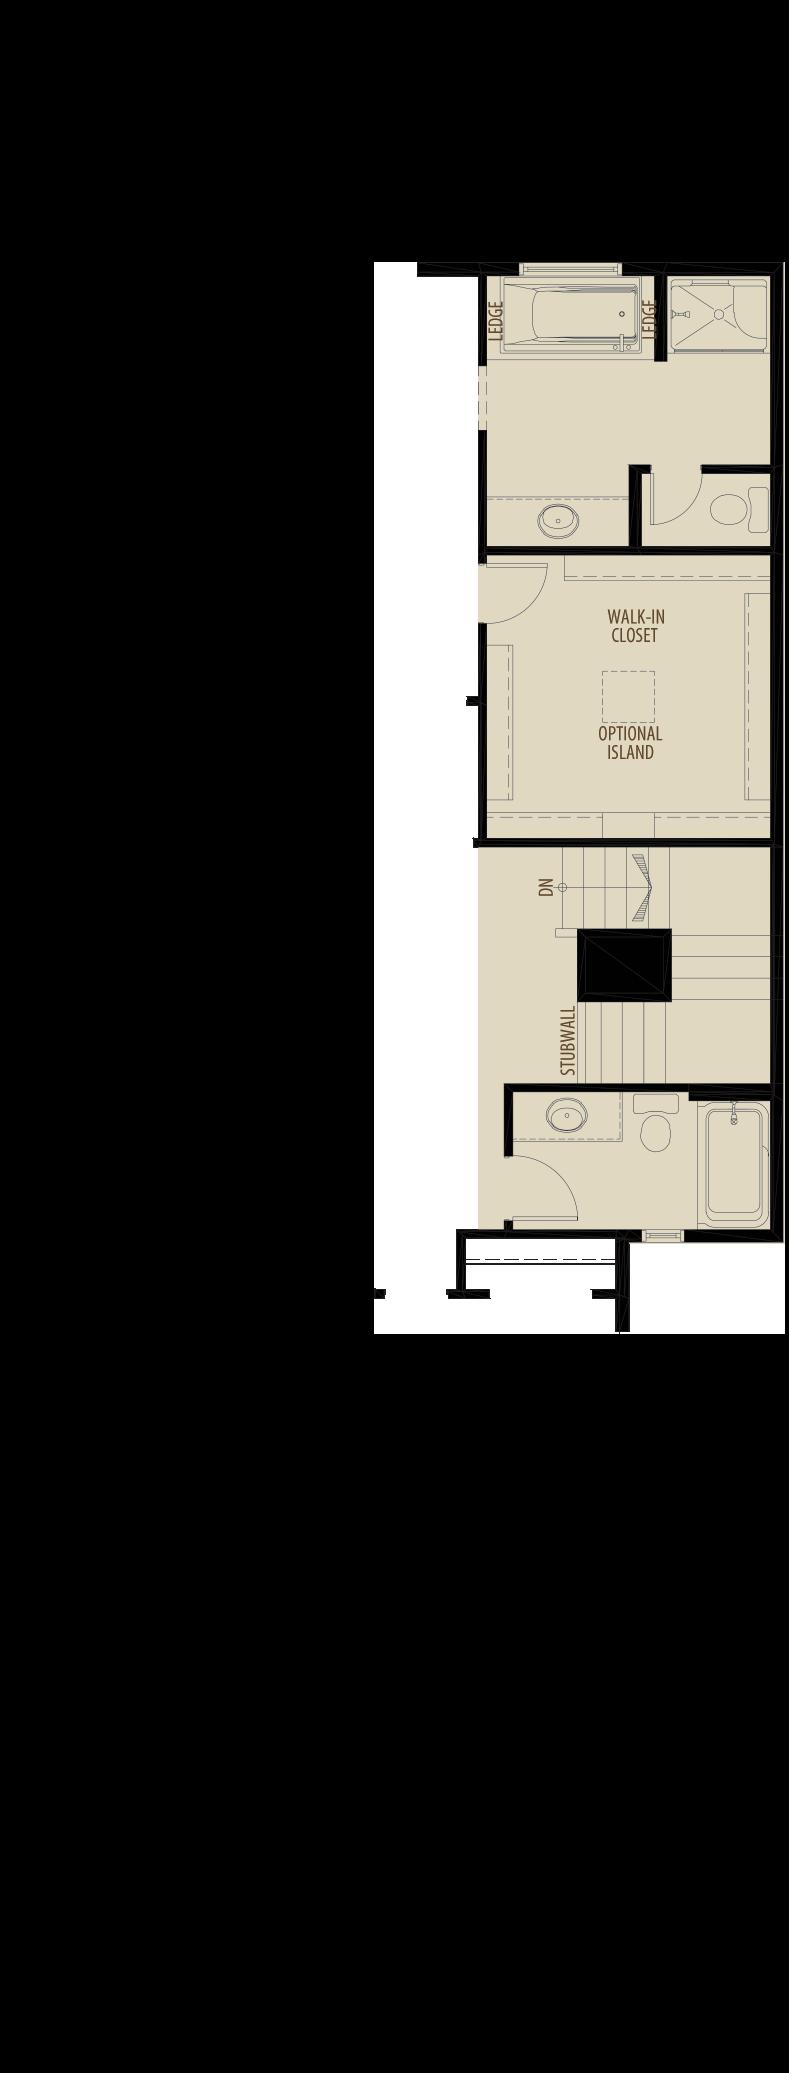 Optional Main Bath Adds 44 sq ft